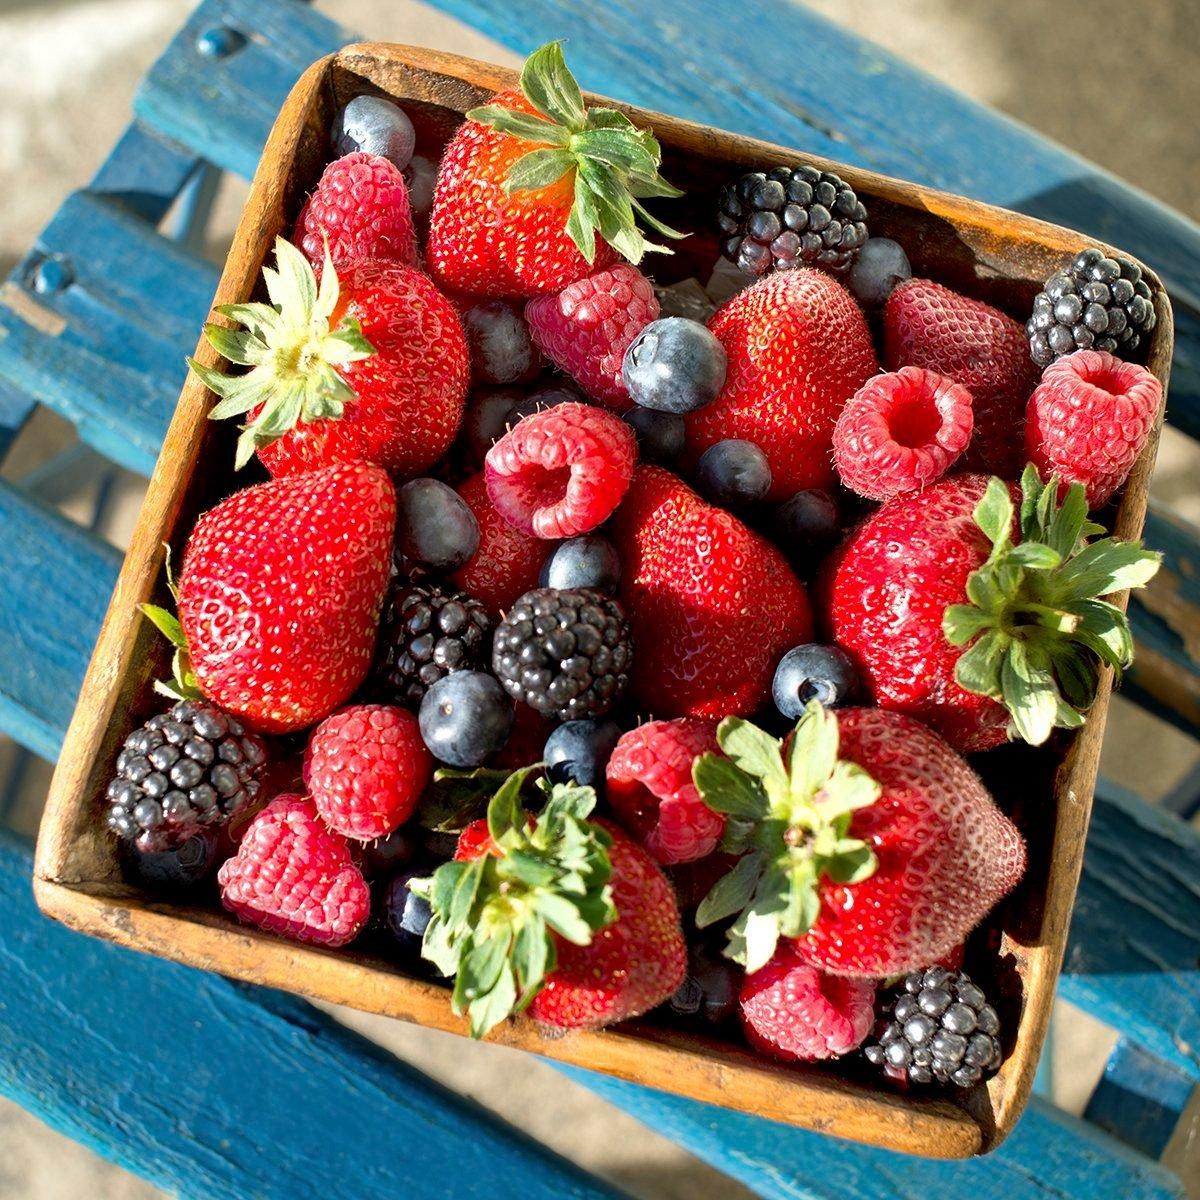 Fresh berries in basket